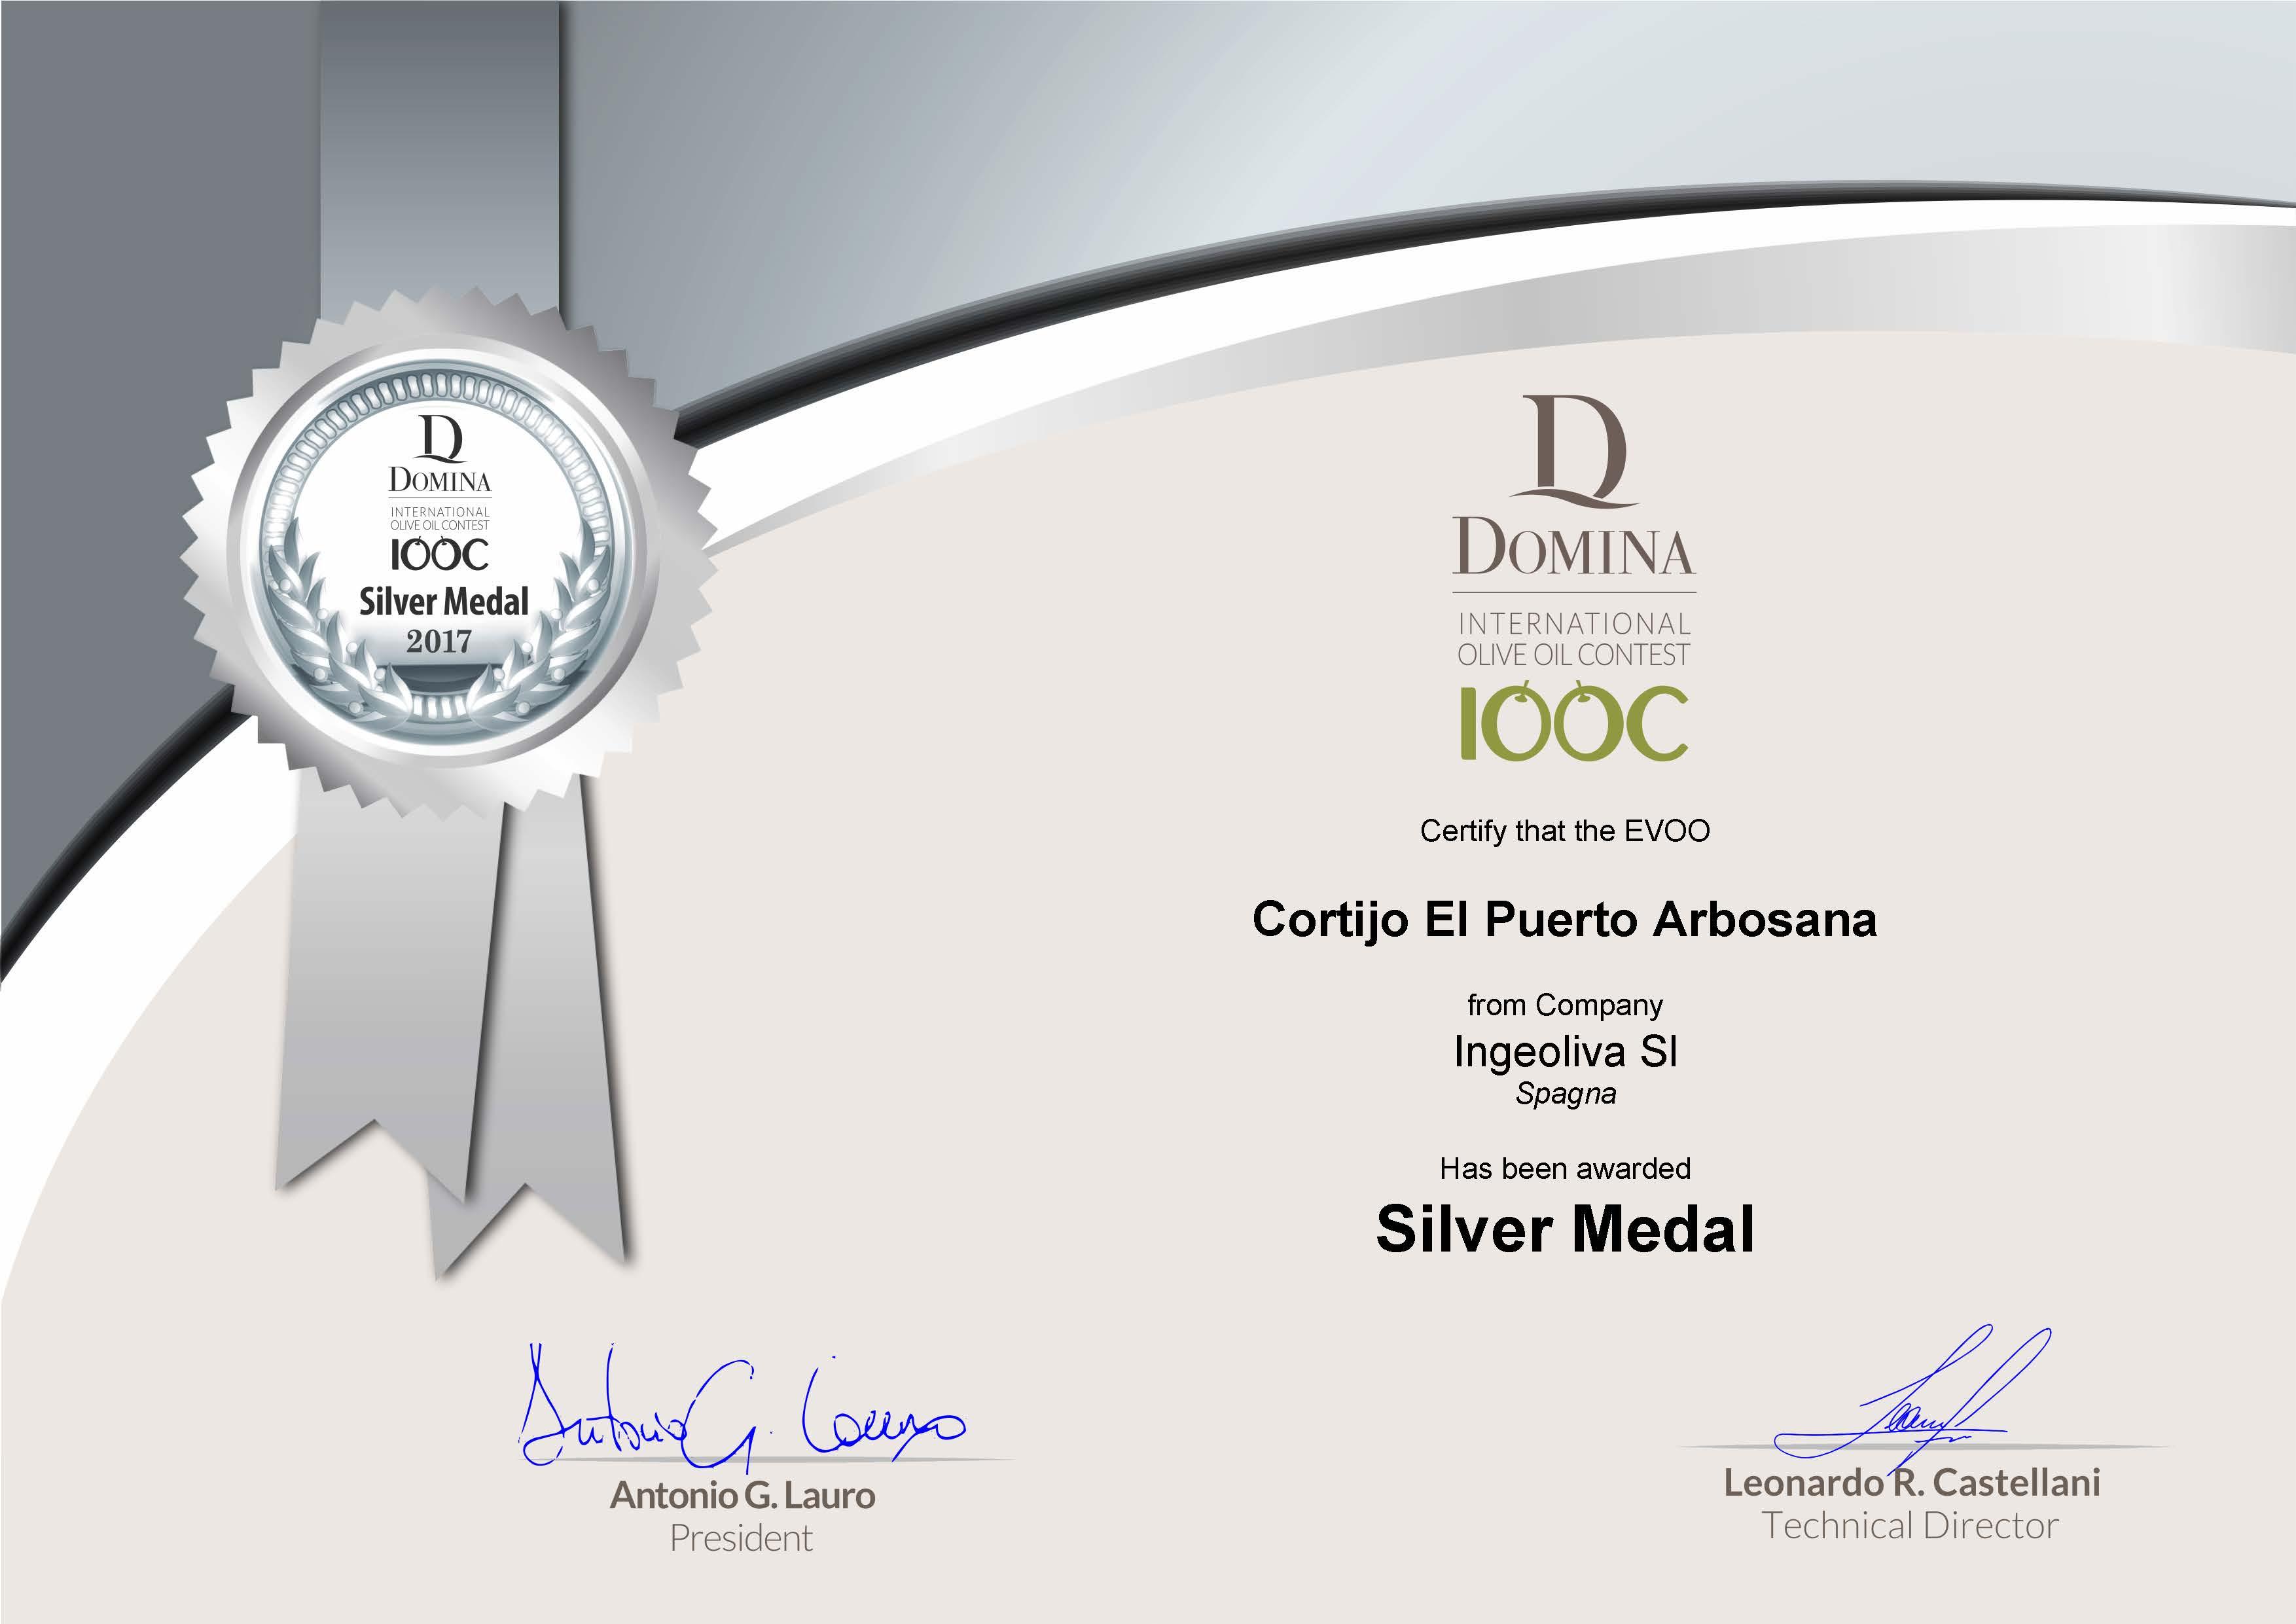 Cortijo el Puerto Arbosana Domina DIOOC Silver Medal